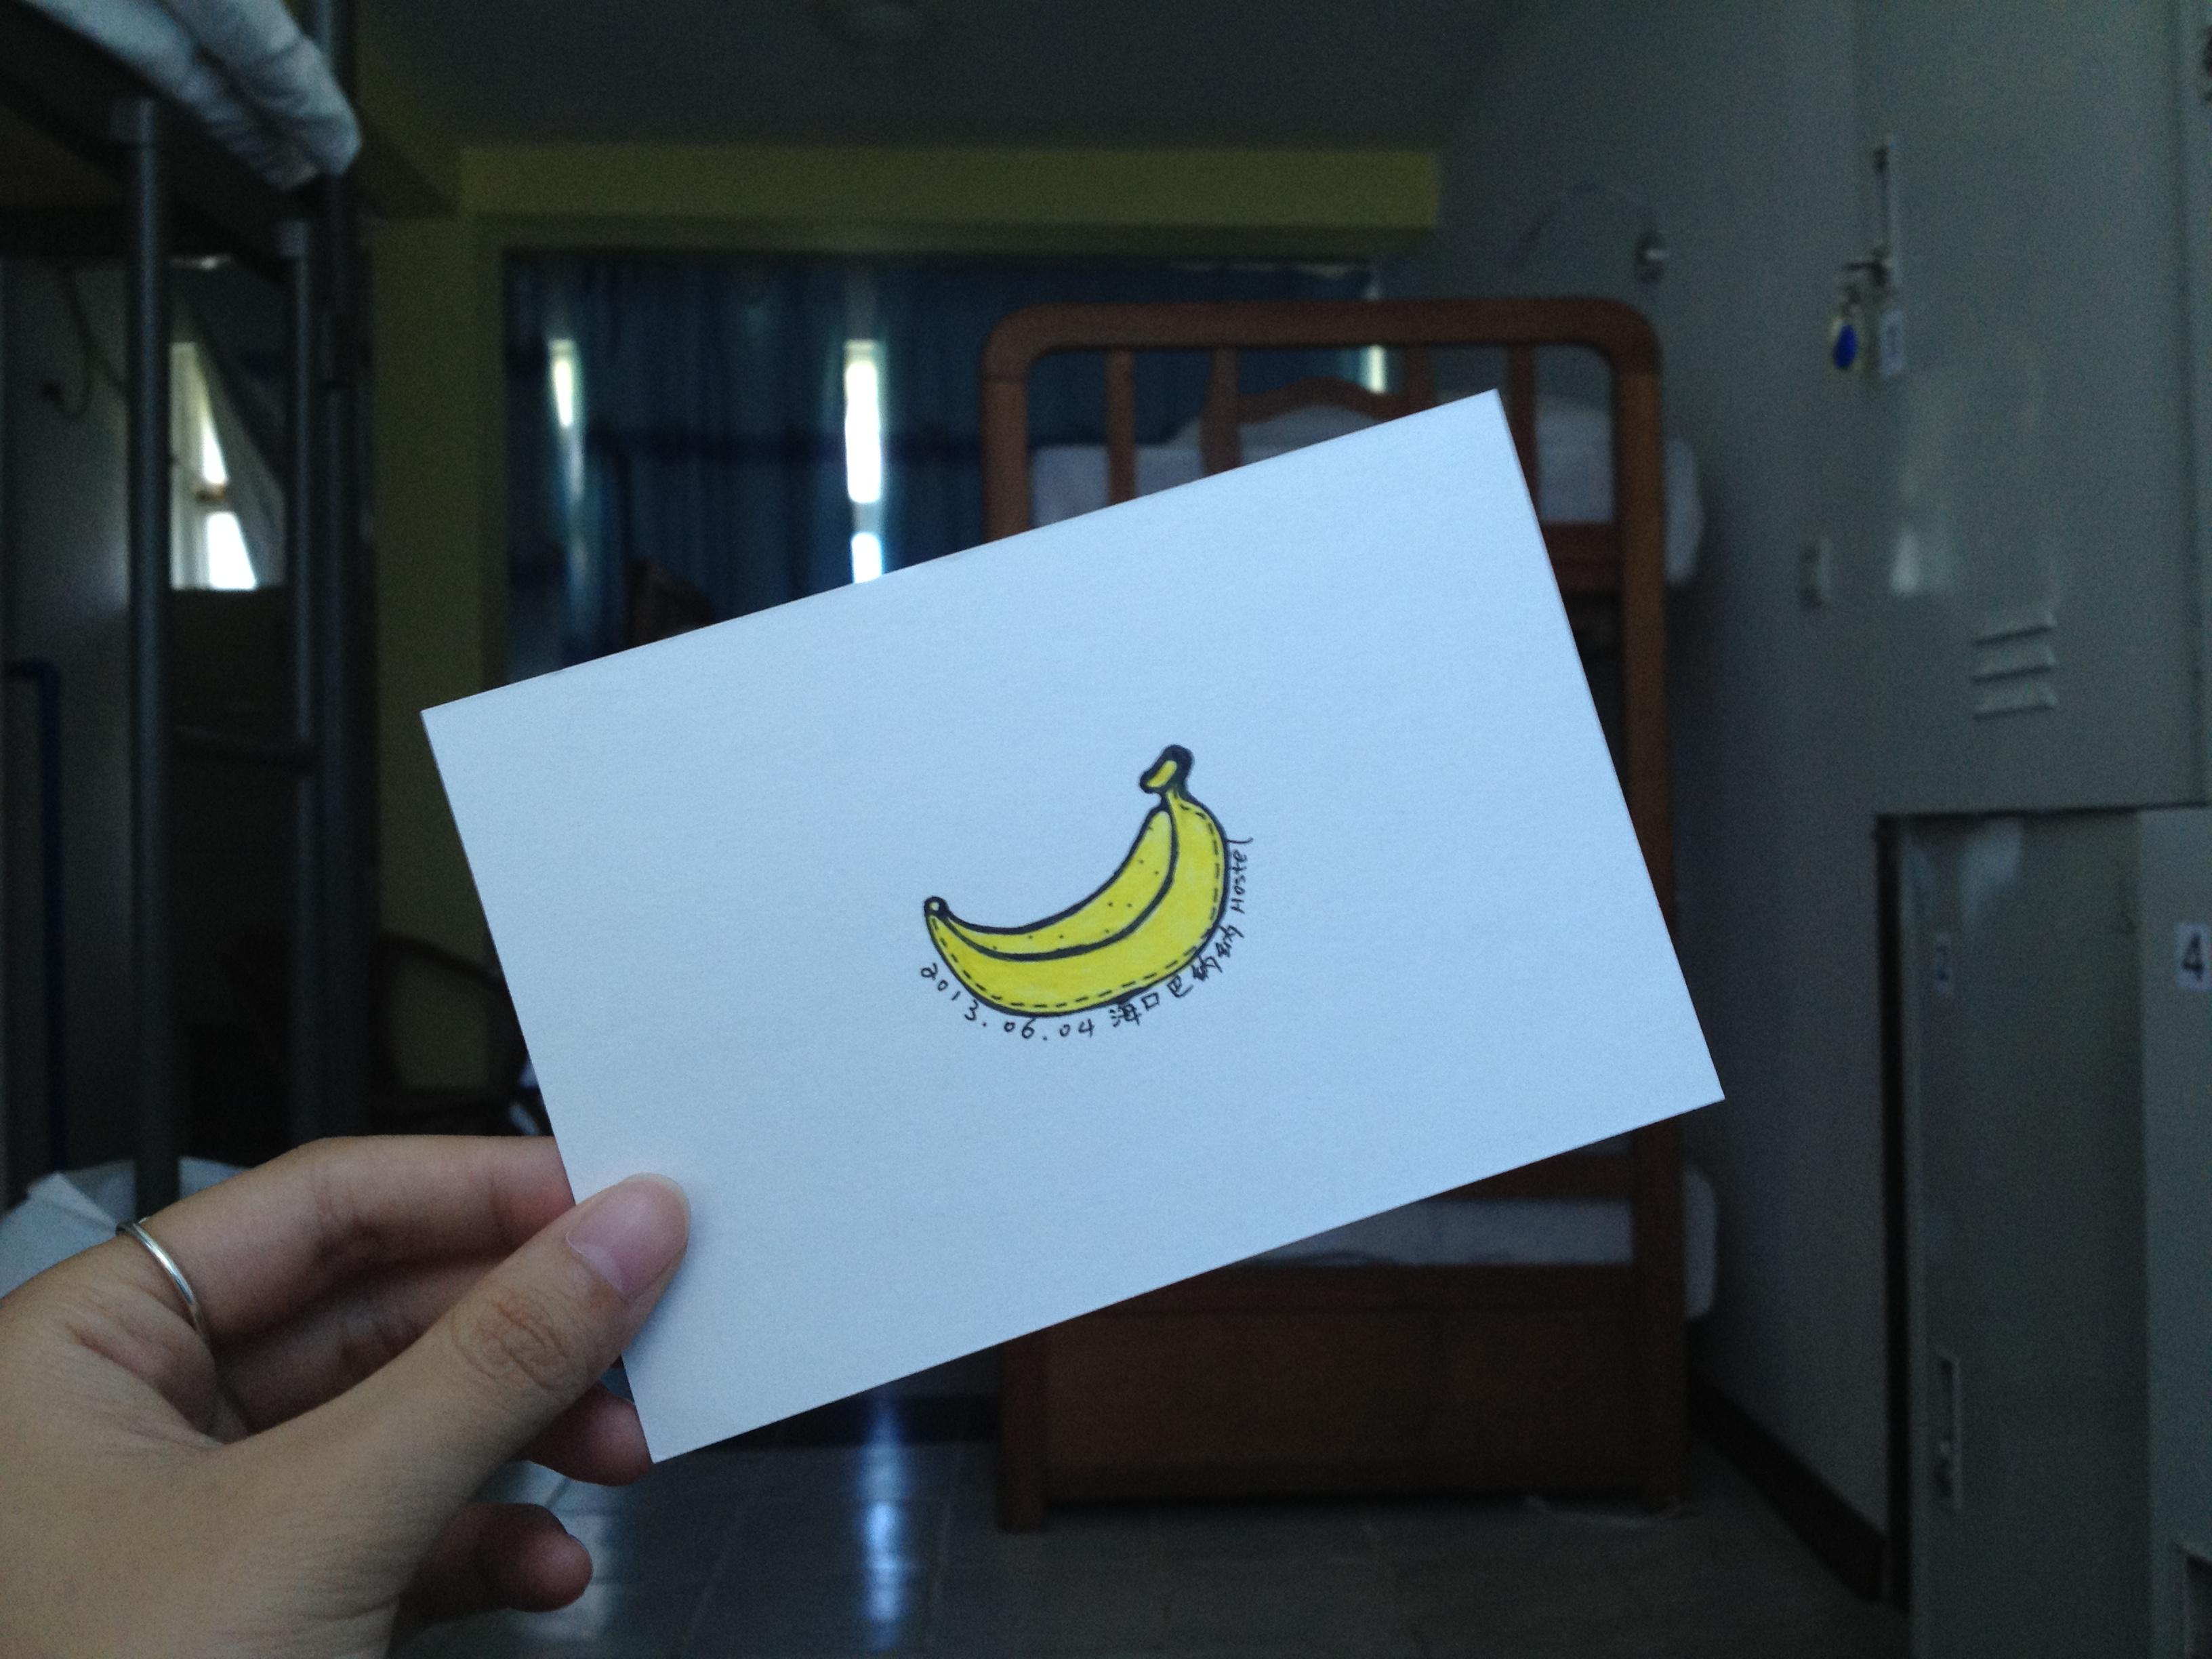 甲壳虫旅行日记之彩铅手绘明信片|插画|儿童插画|一只